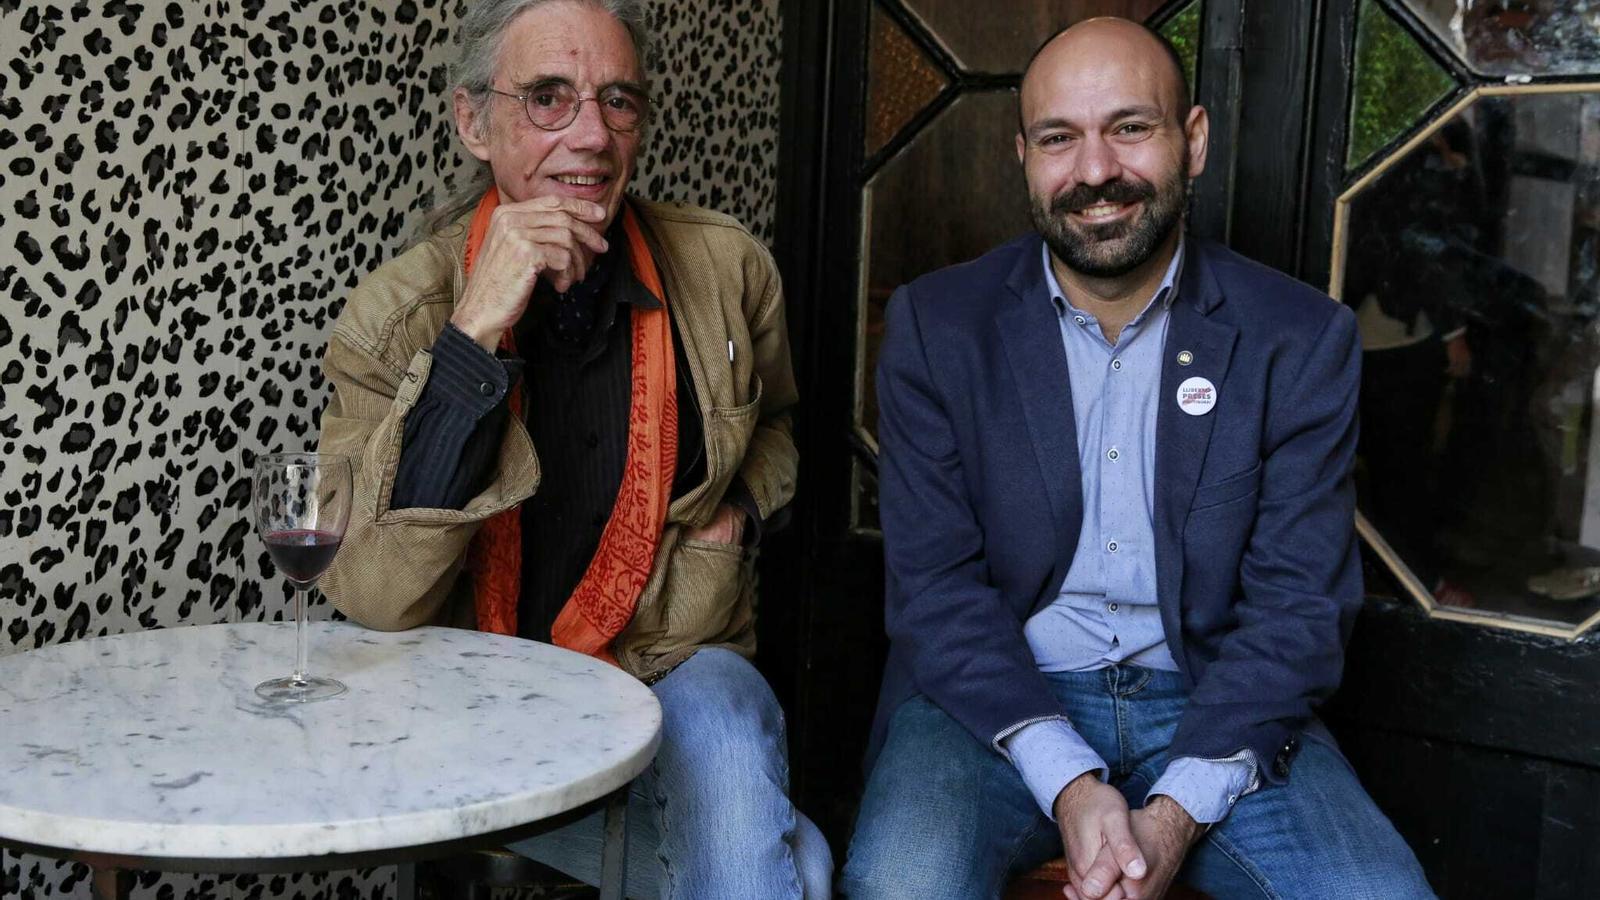 Enric Casasses, Premi d'Honor de les Lletres Catalanes, i Marcel Mauri, vicepresident d'Òmnium Cultural.